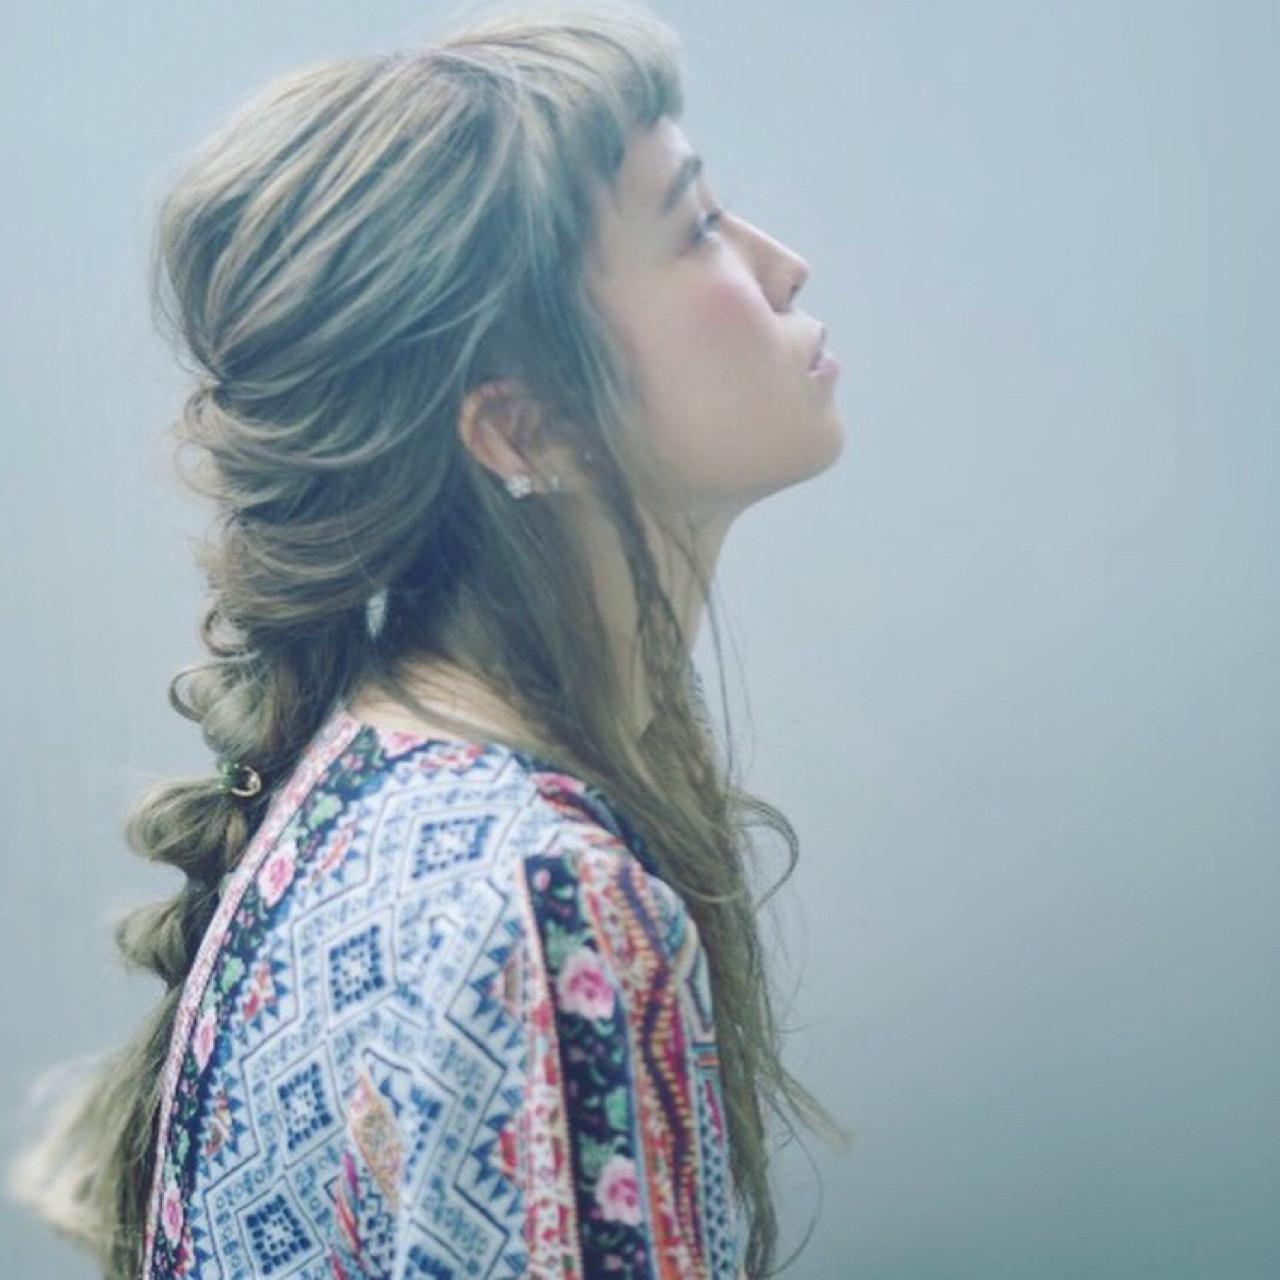 ガーリー 夏 簡単ヘアアレンジ ロング ヘアスタイルや髪型の写真・画像